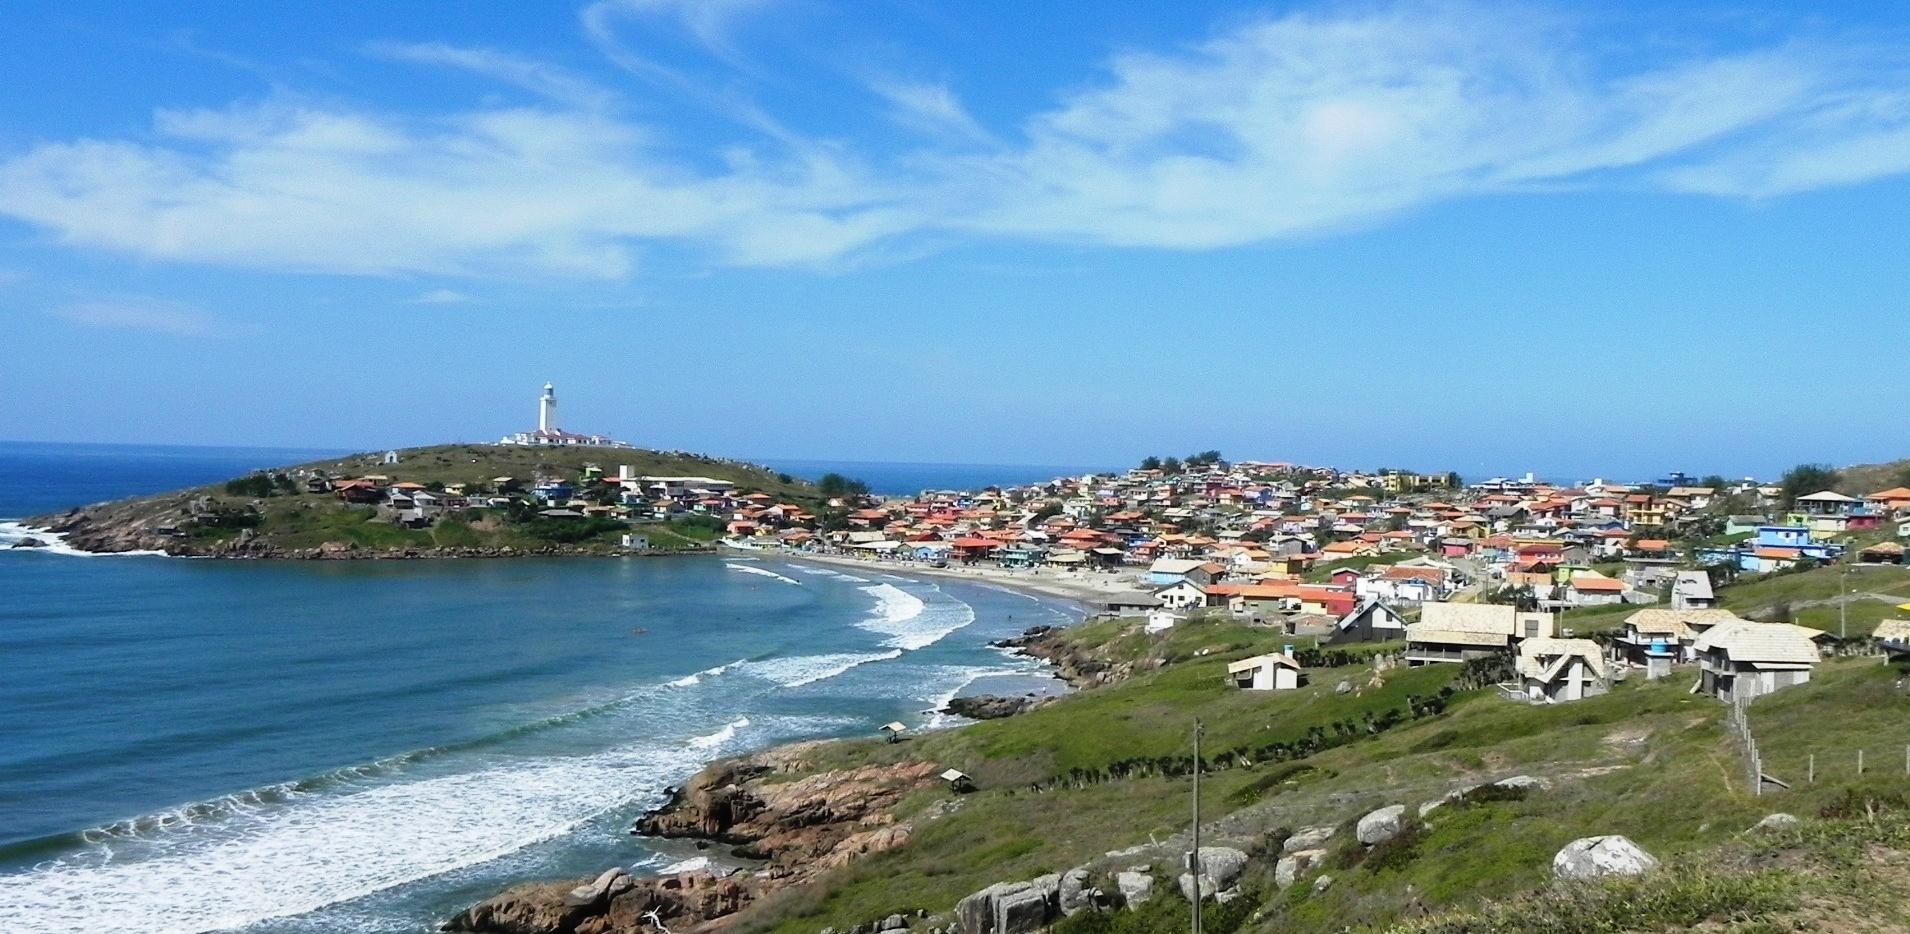 Cabo-de-Santa-Marta